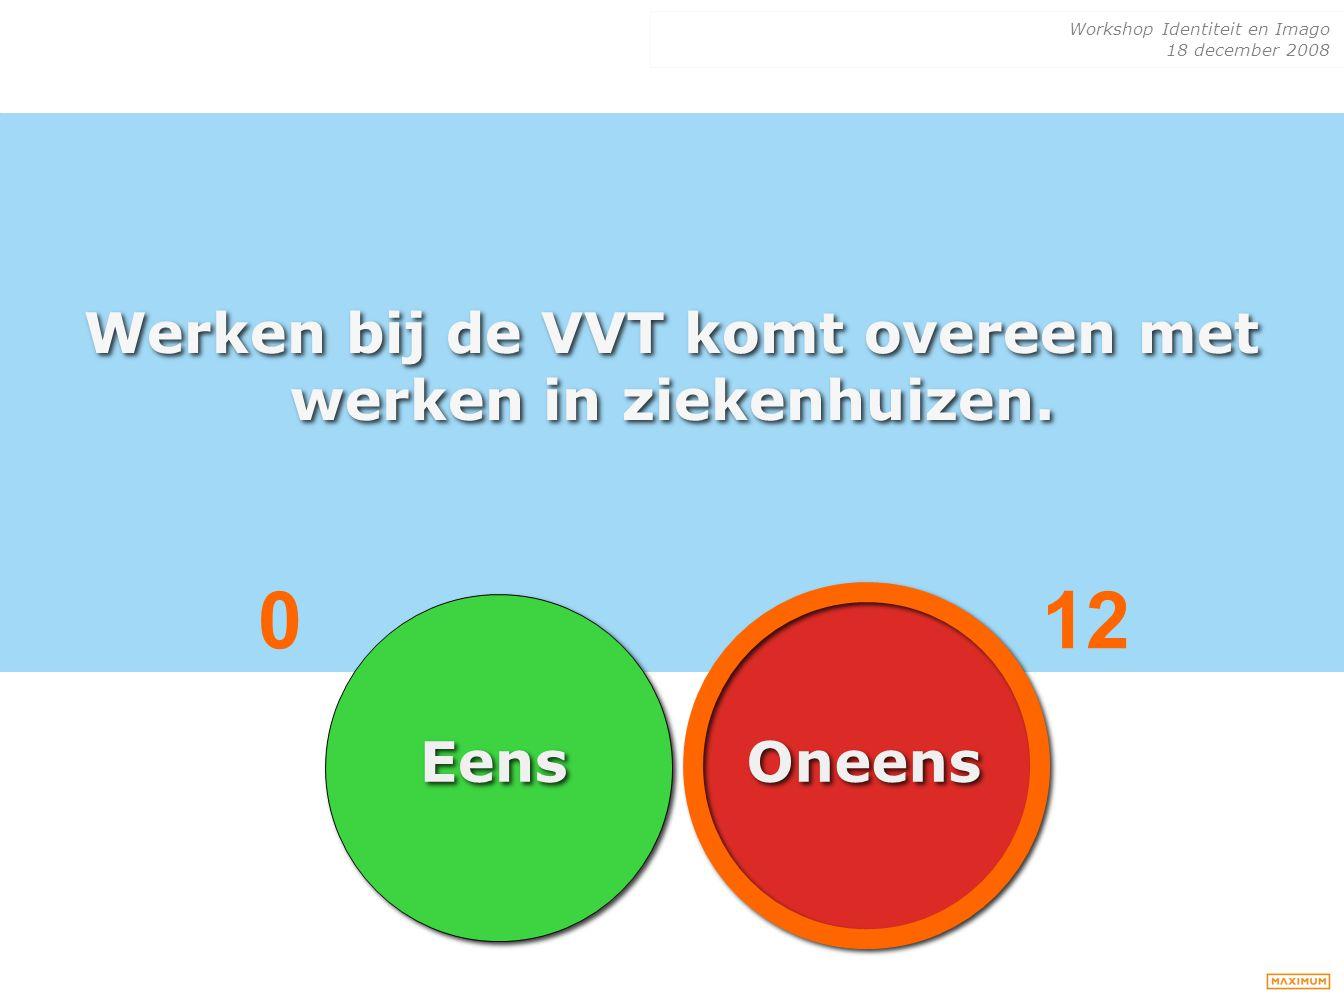 Workshop Identiteit en Imago 18 december 2008 Werken bij de VVT komt overeen met werken in ziekenhuizen. Eens Oneens 012